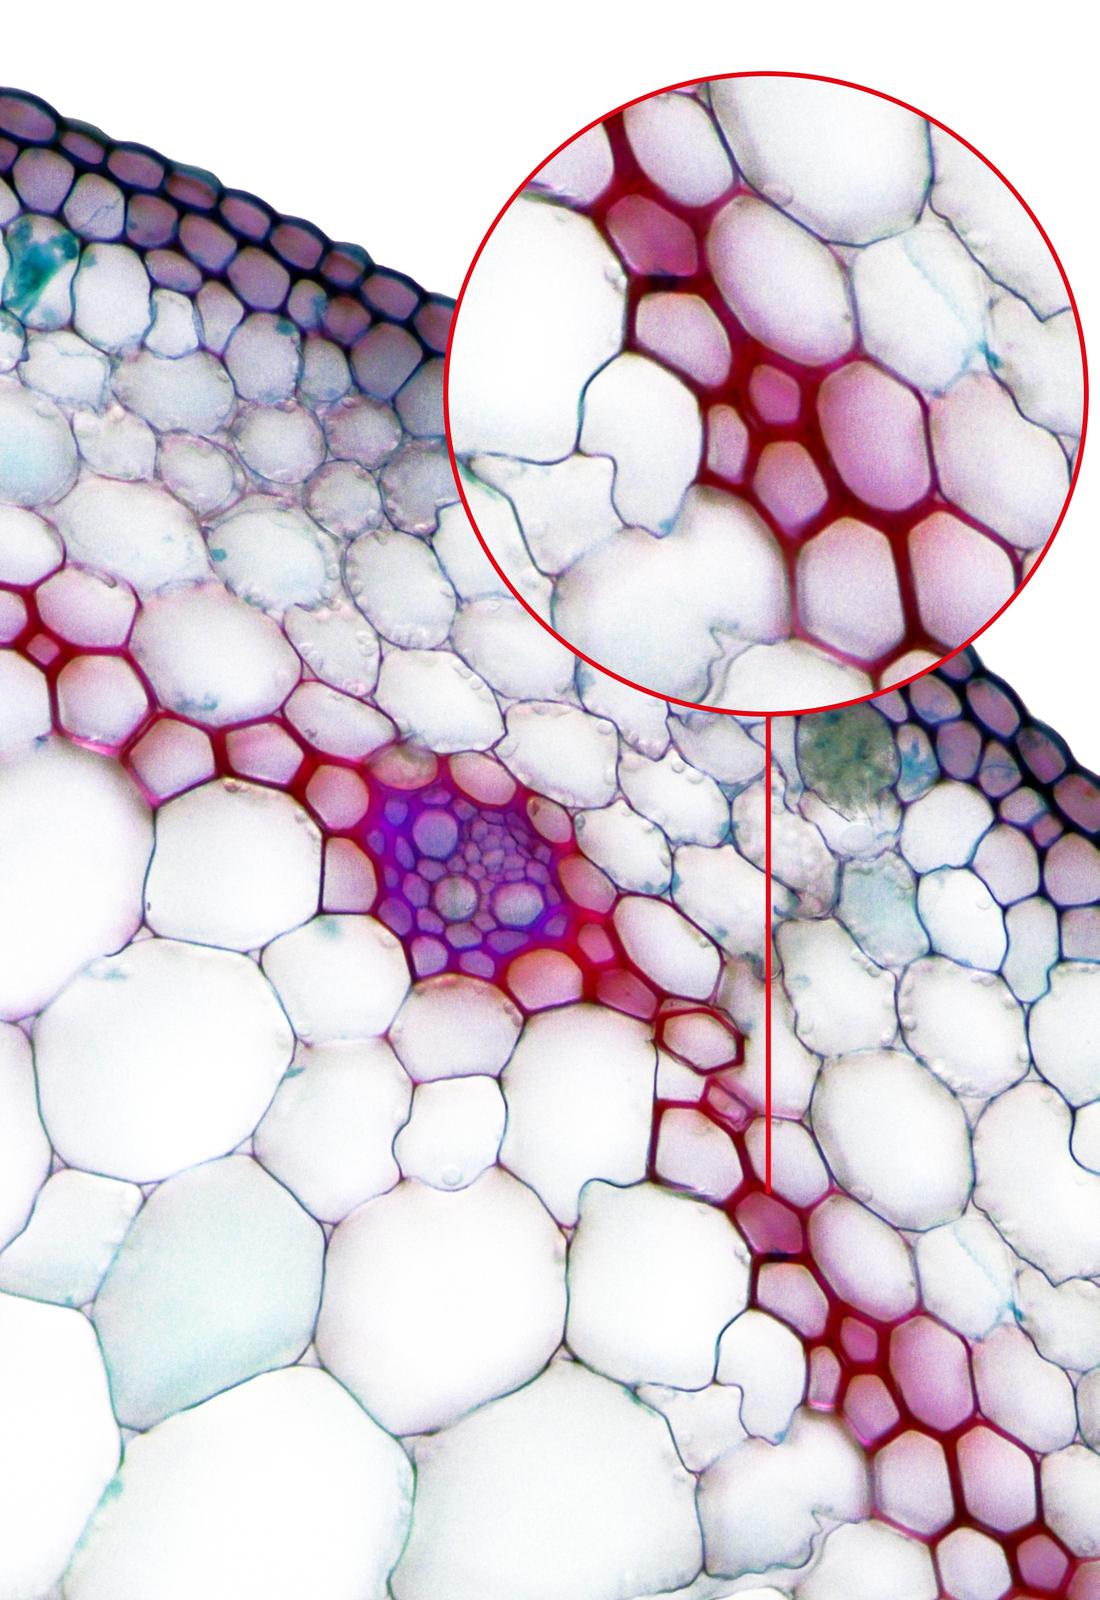 Ilustracja przedstawia fotografię mikroskopową komórek twardzicy wliściu draceny. Są one wybarwione na czerwono. Ugóry wprzybliżeniu ukazano fragment zkomórkami twardzicy ozgrubiałych ścianach.